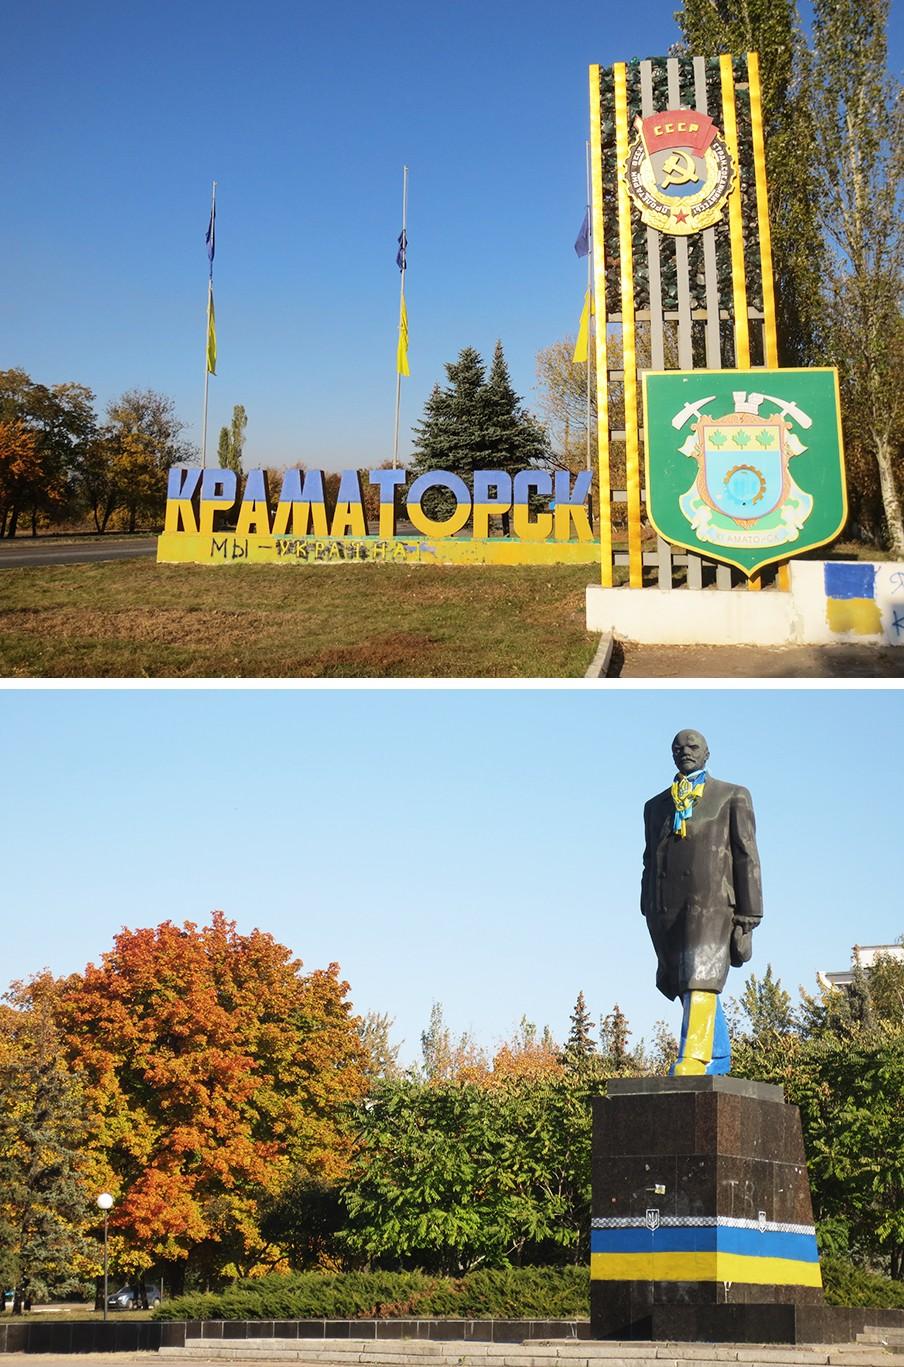 Boven: De entree van de Oost-Oekraïense stad Kramatorsk, met de teksten 'Wij zijn Oekraïne' en 'Proletariërs aller landen verenigt u.' Onder: Het standbeeld van Lenin, uitgedost in het blauw-geel van Oekraïne. Foto's: Floris Akkerman